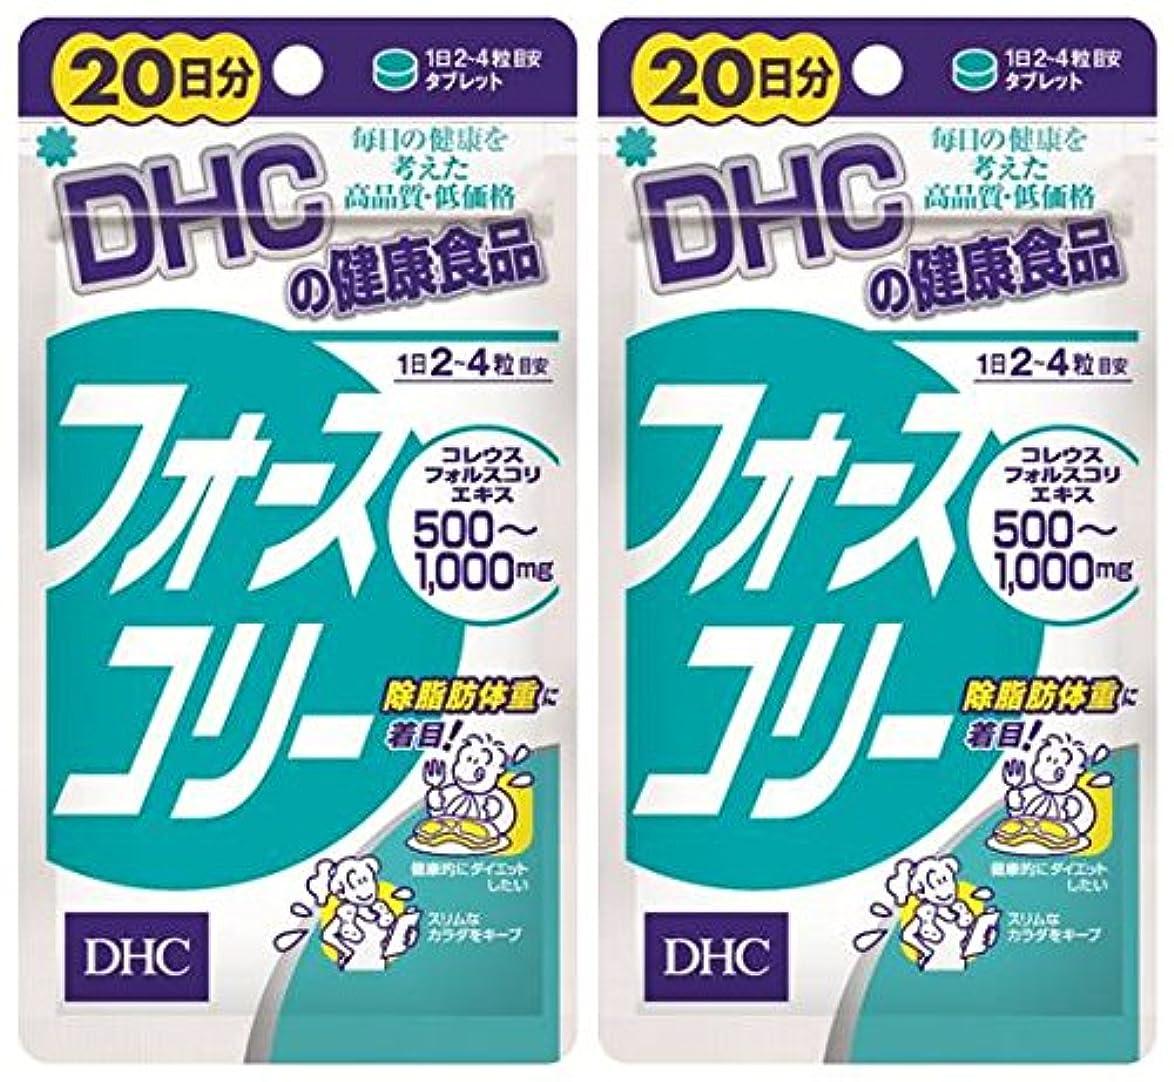 区別経度家事をするDHC フォースコリー 20日分 80粒 ×2個セット